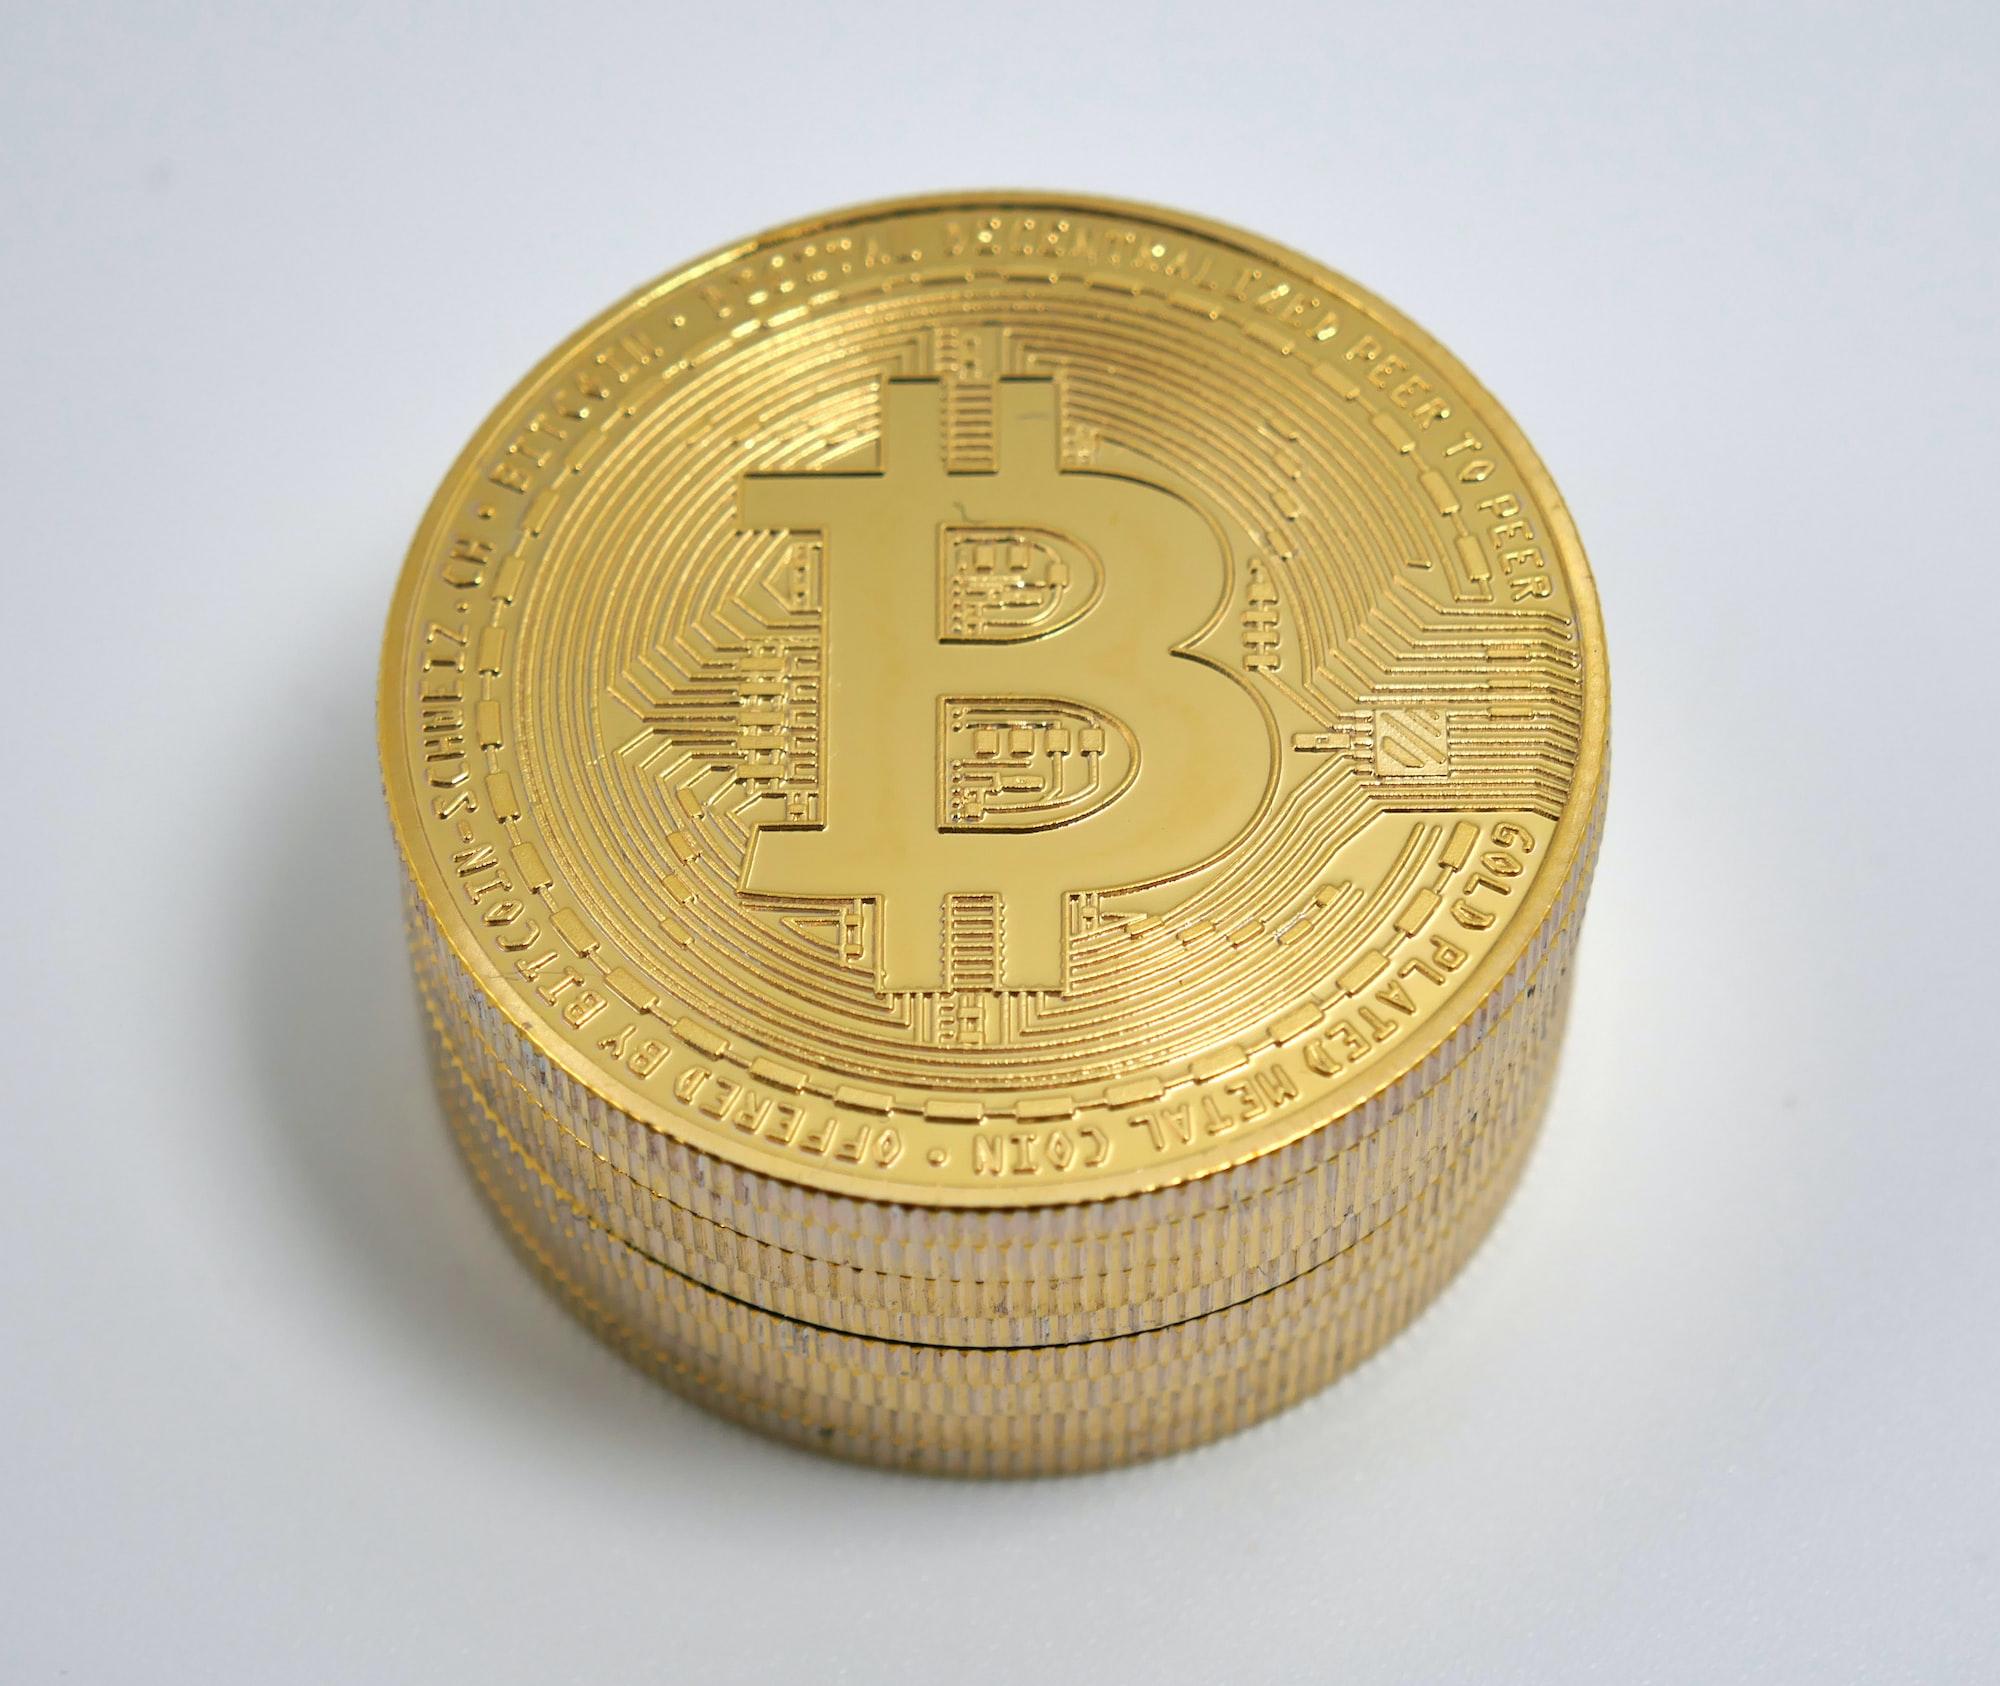 Musk Buys Billion Dollar Bitcoin